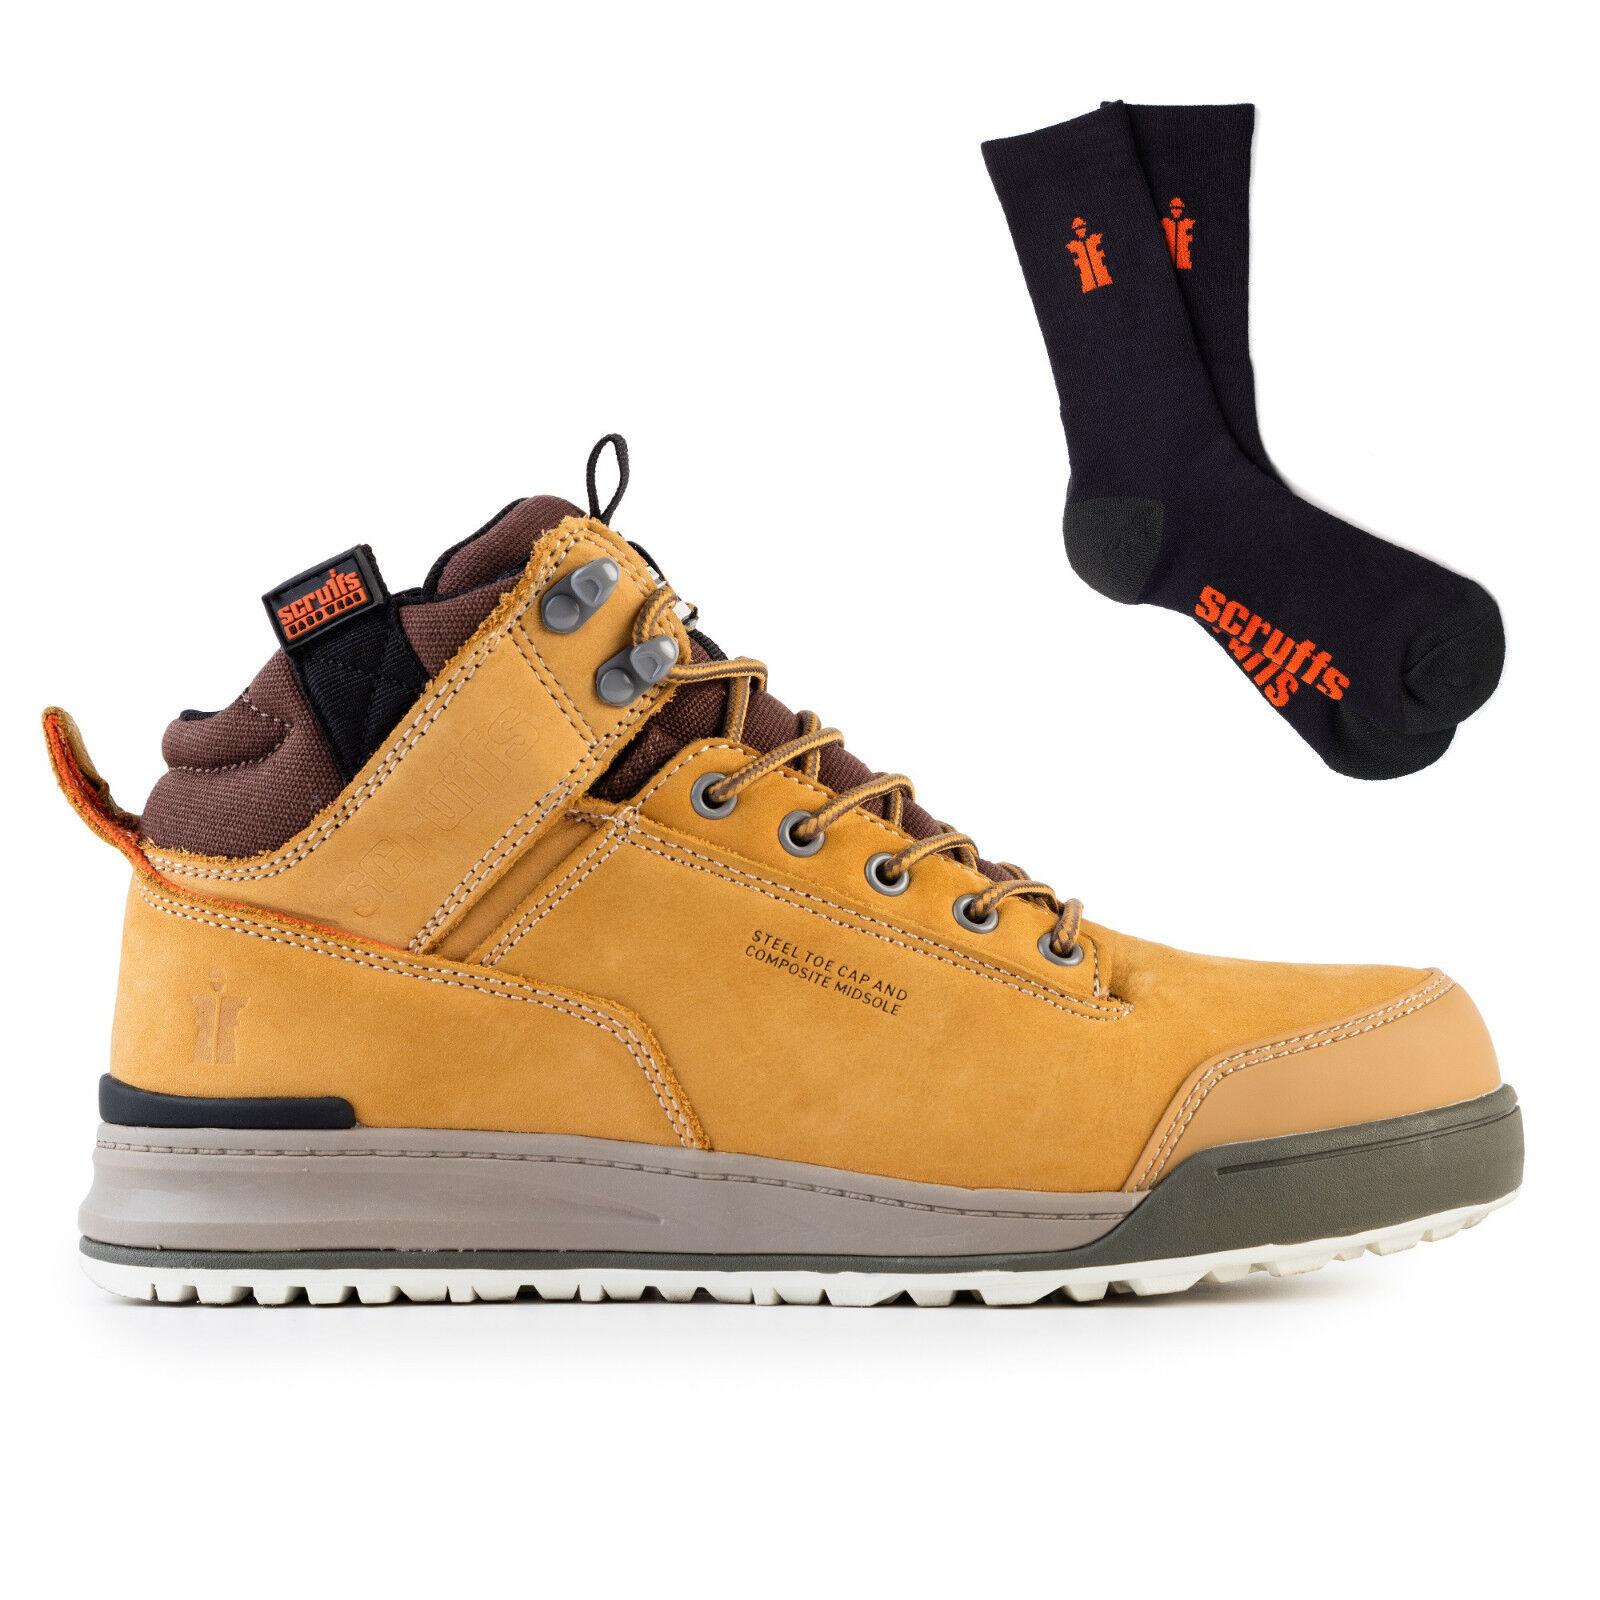 Scruffs Switchback   Herren Safety Work Stiefel Steel Toe Worker TAN with 3 Pack Worker Toe Socks 9e268e